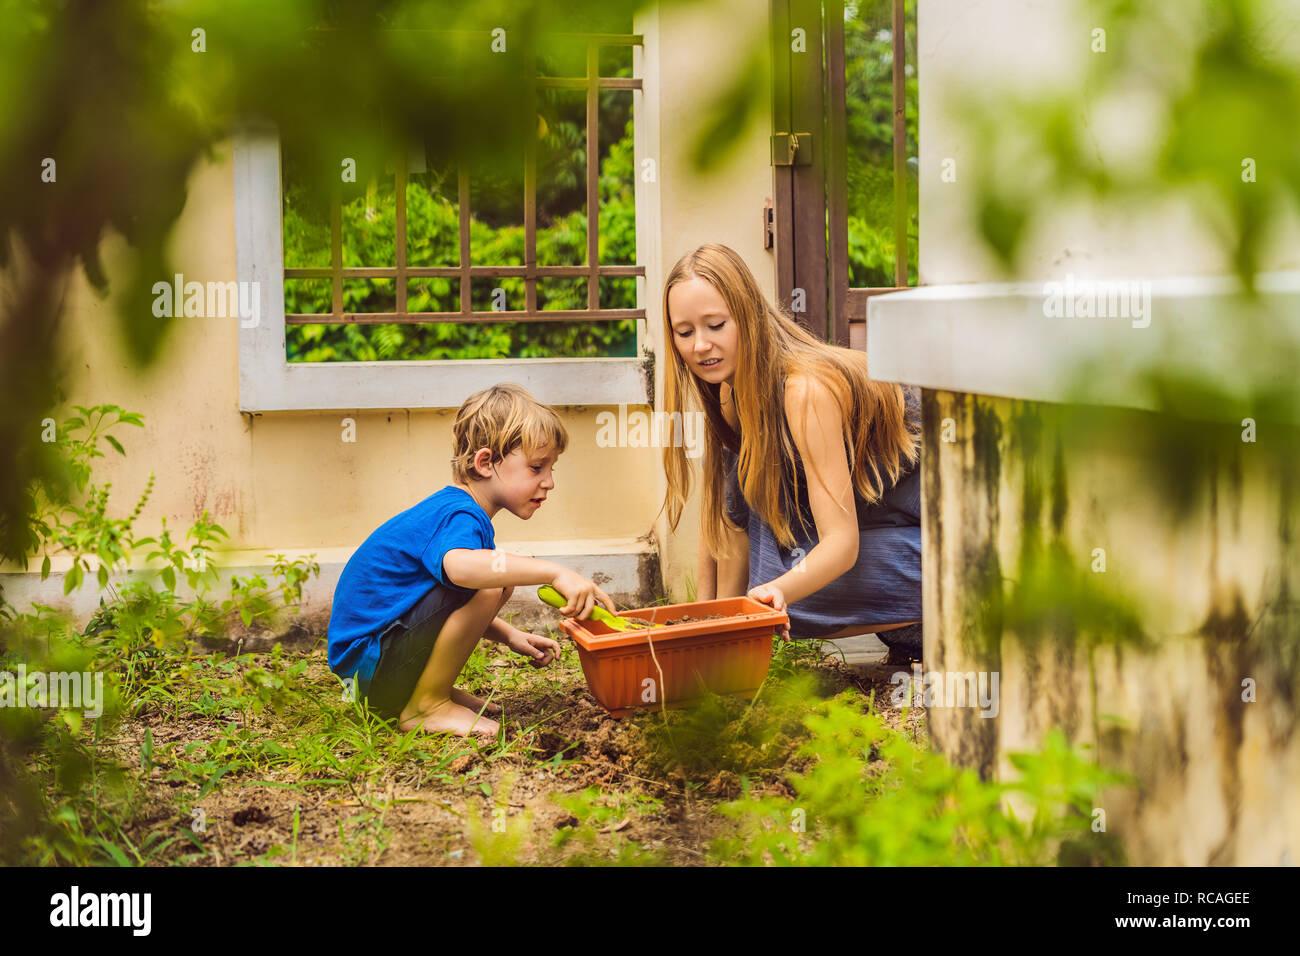 Belle jeune femme et son fils mignon planter les semis dans le lit dans le jardin intérieur à jour d'été. Outils de jardin, des gants et un arrosoir à l'extérieur. L'activité de jardinage avec petit enfant et famille Banque D'Images